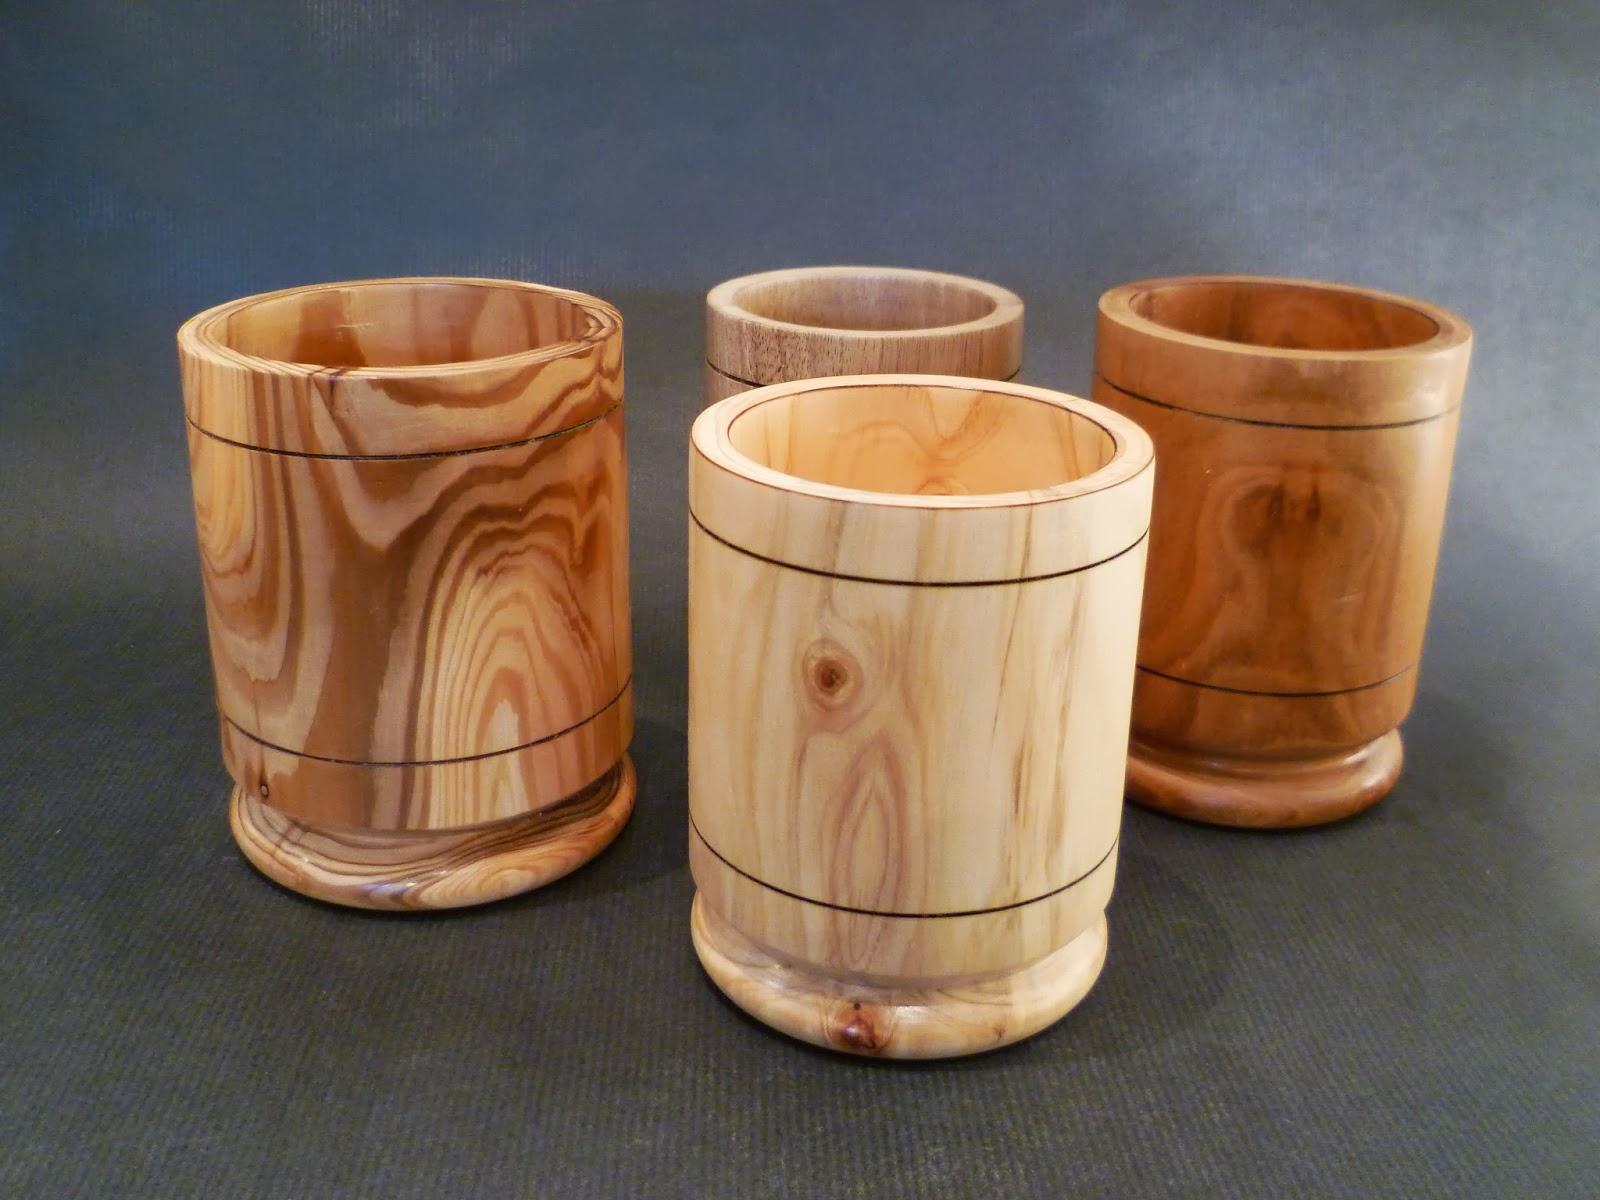 atelier du bois tourn woodturning design 4 pots crayon. Black Bedroom Furniture Sets. Home Design Ideas